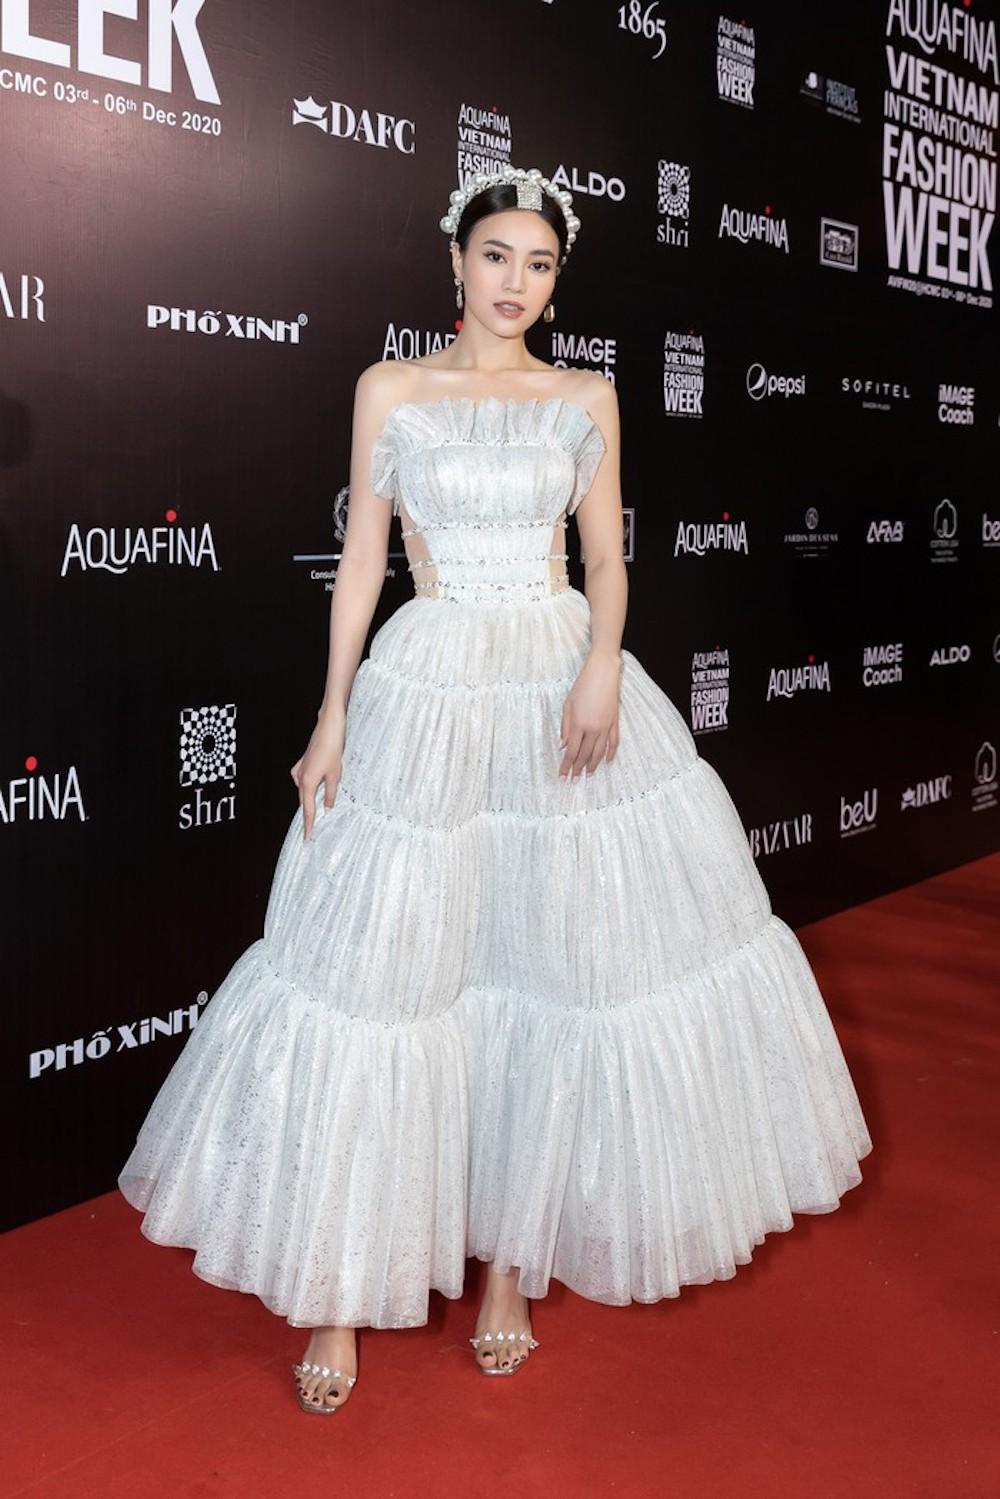 Ninh Dương Lan Ngọc đạt giải Best Dressed khi chọn đầm Đỗ Long tại AVIFW 2020